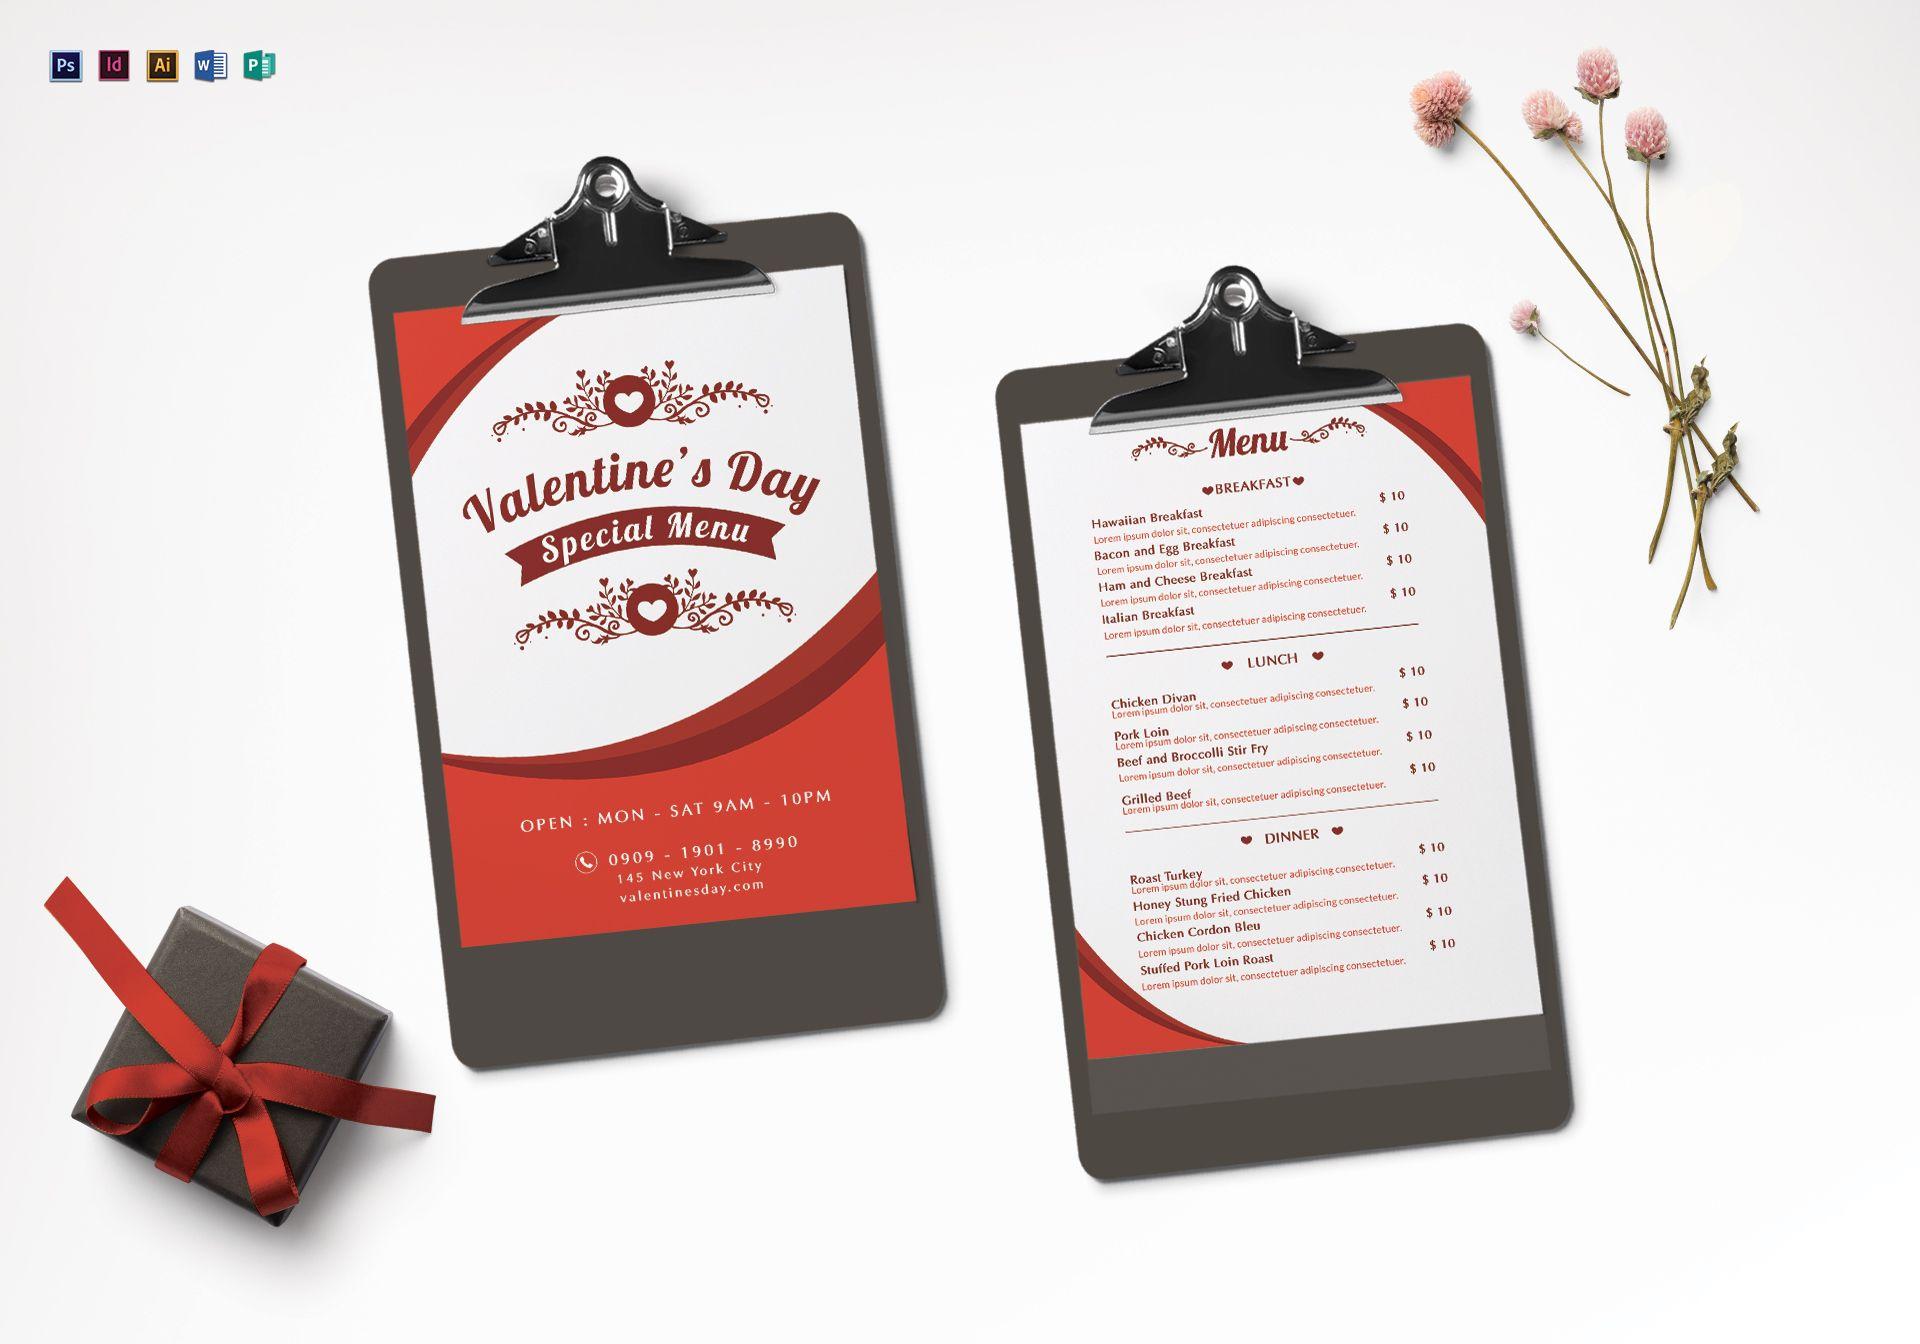 Valentines Menu Design Template